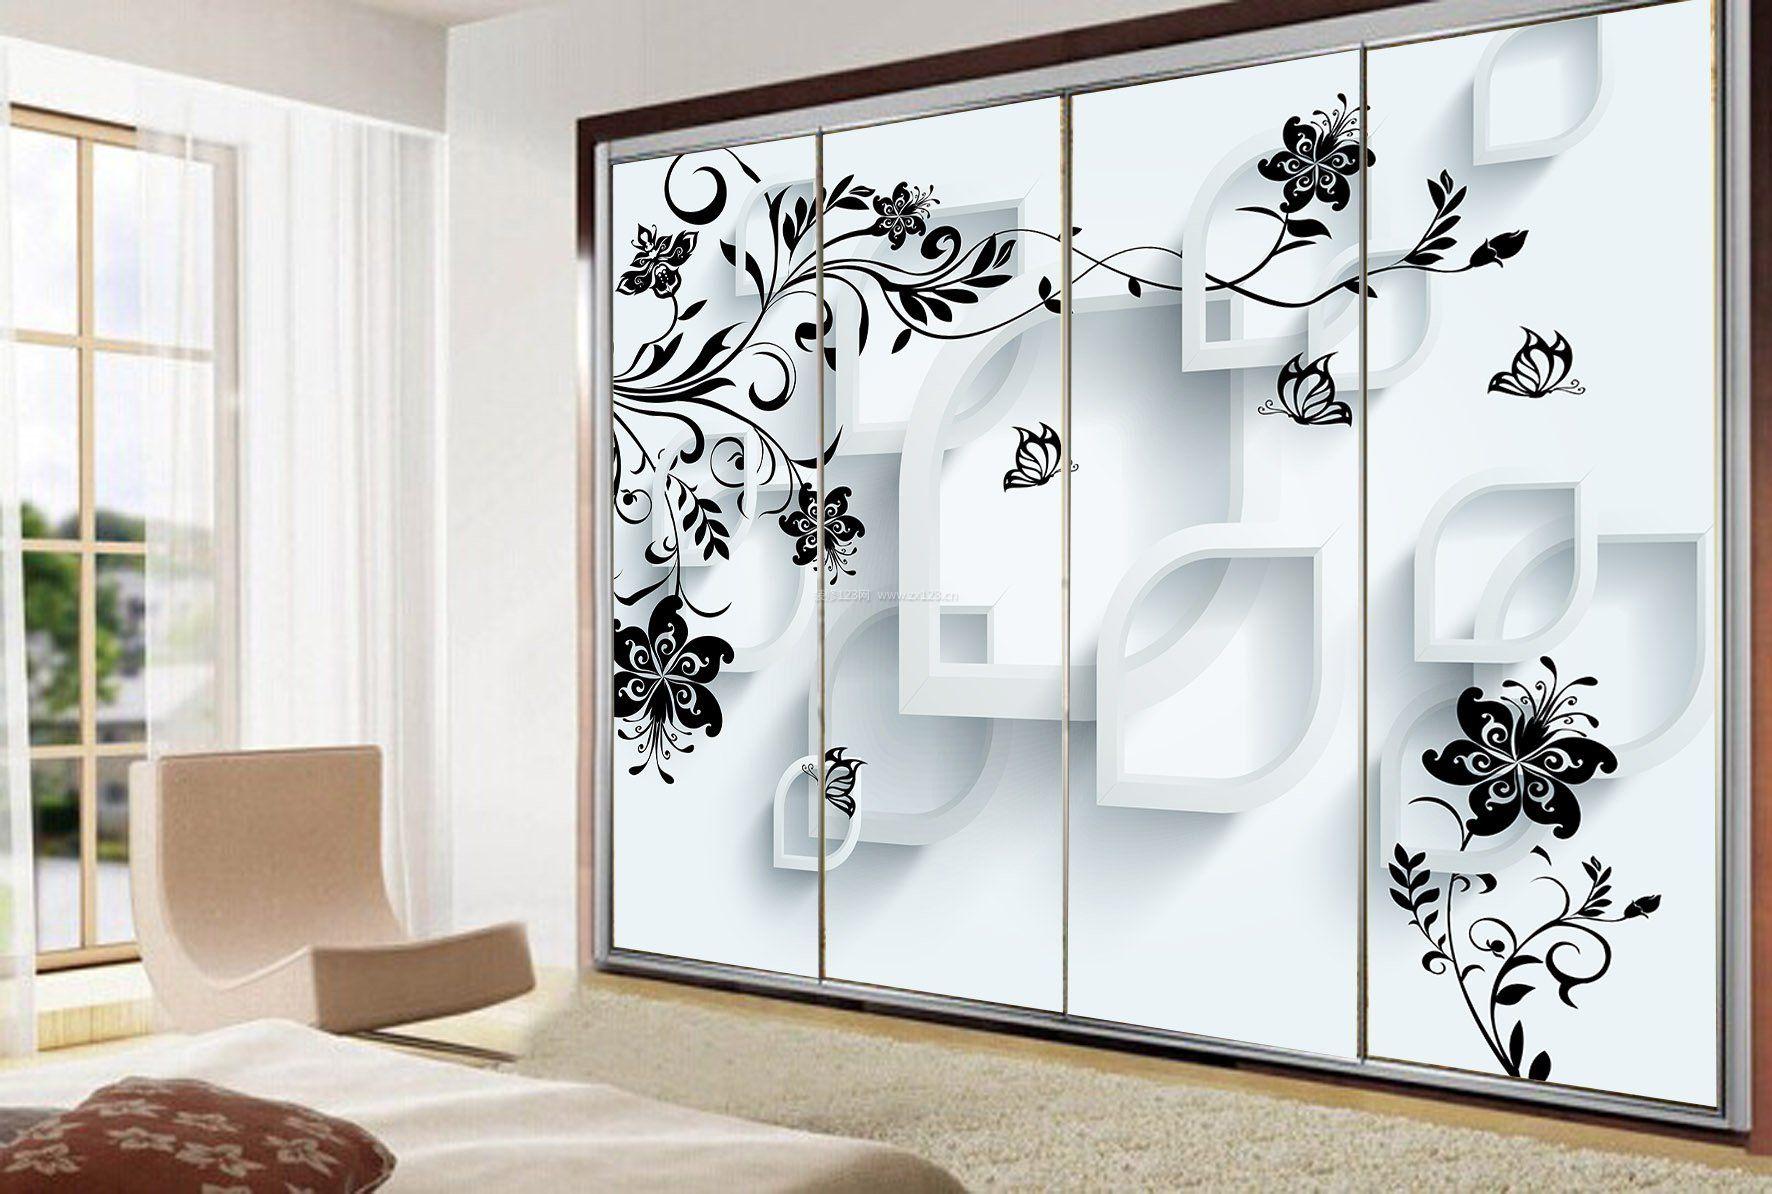 衣柜玻璃门3d效果图片大全